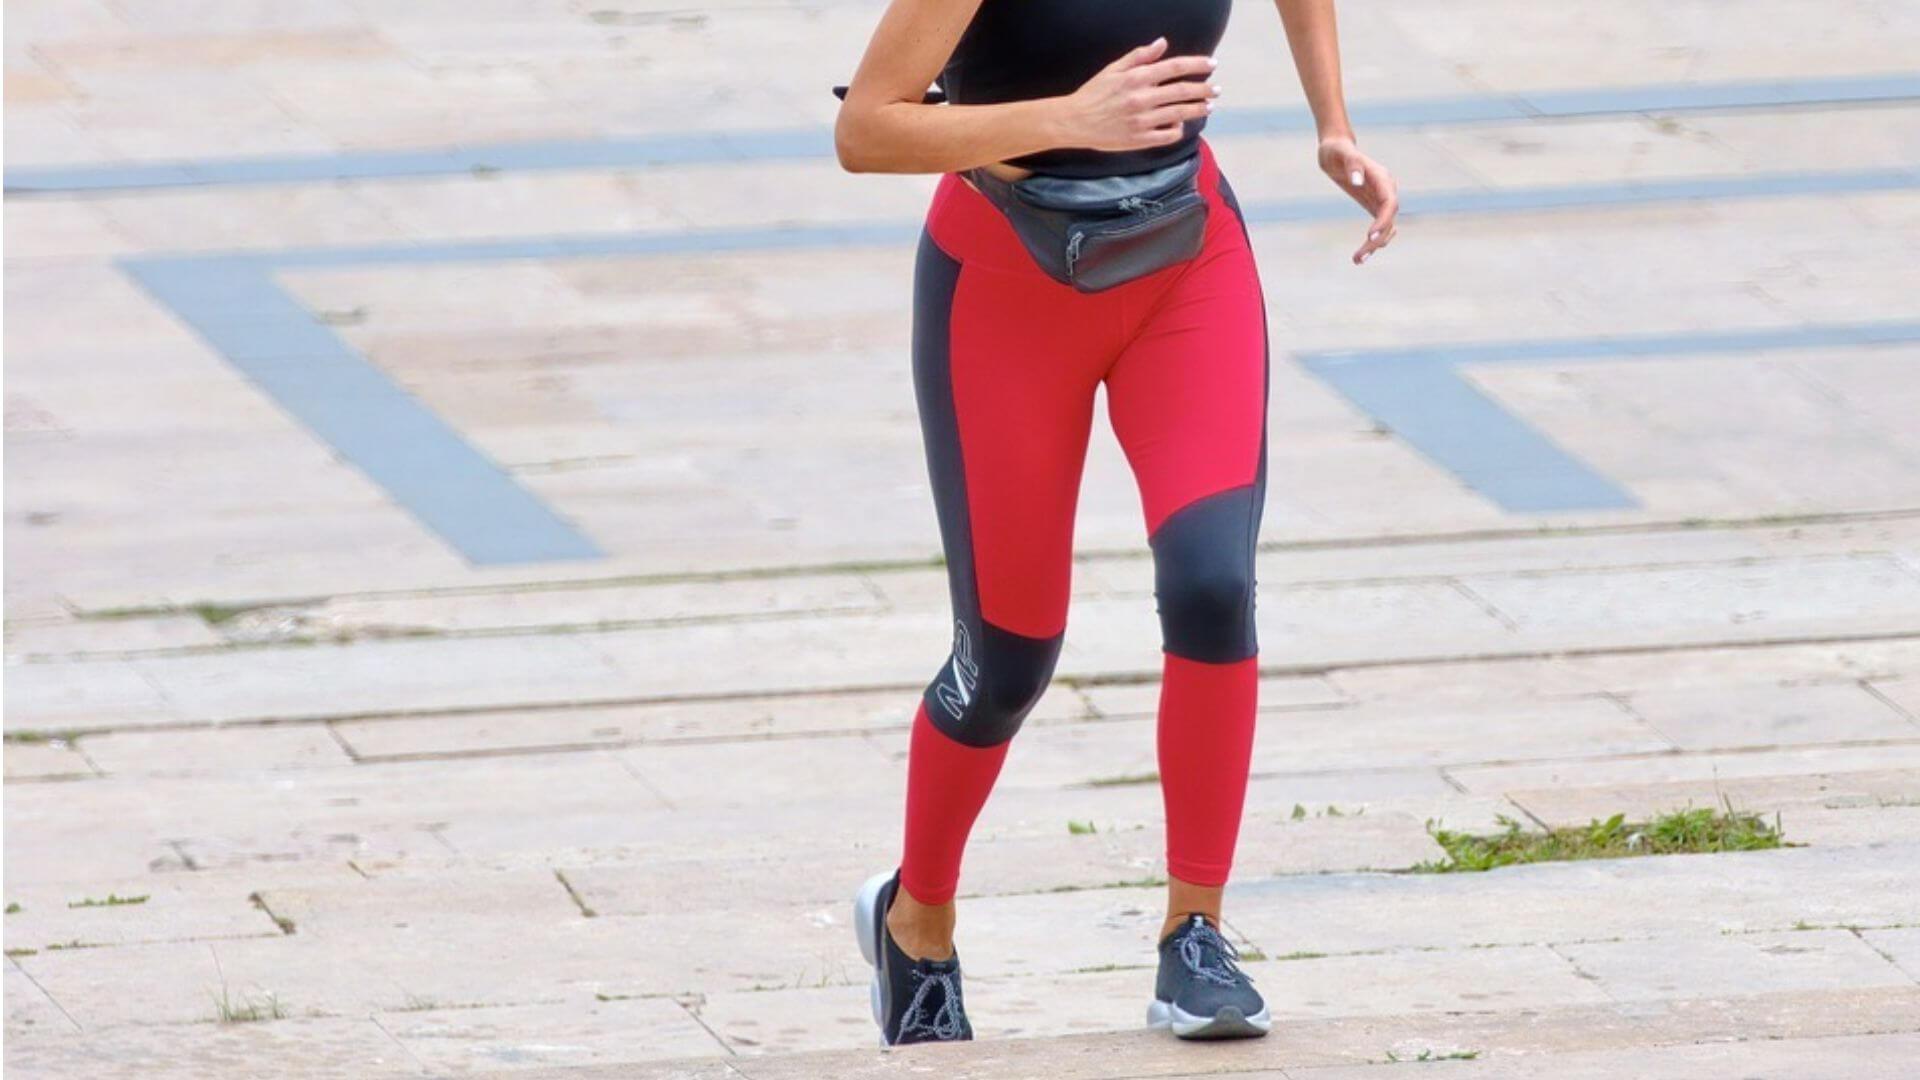 científico montar profundizar  Las mejores mallas de running 2021: ¿Cuáles elegir?